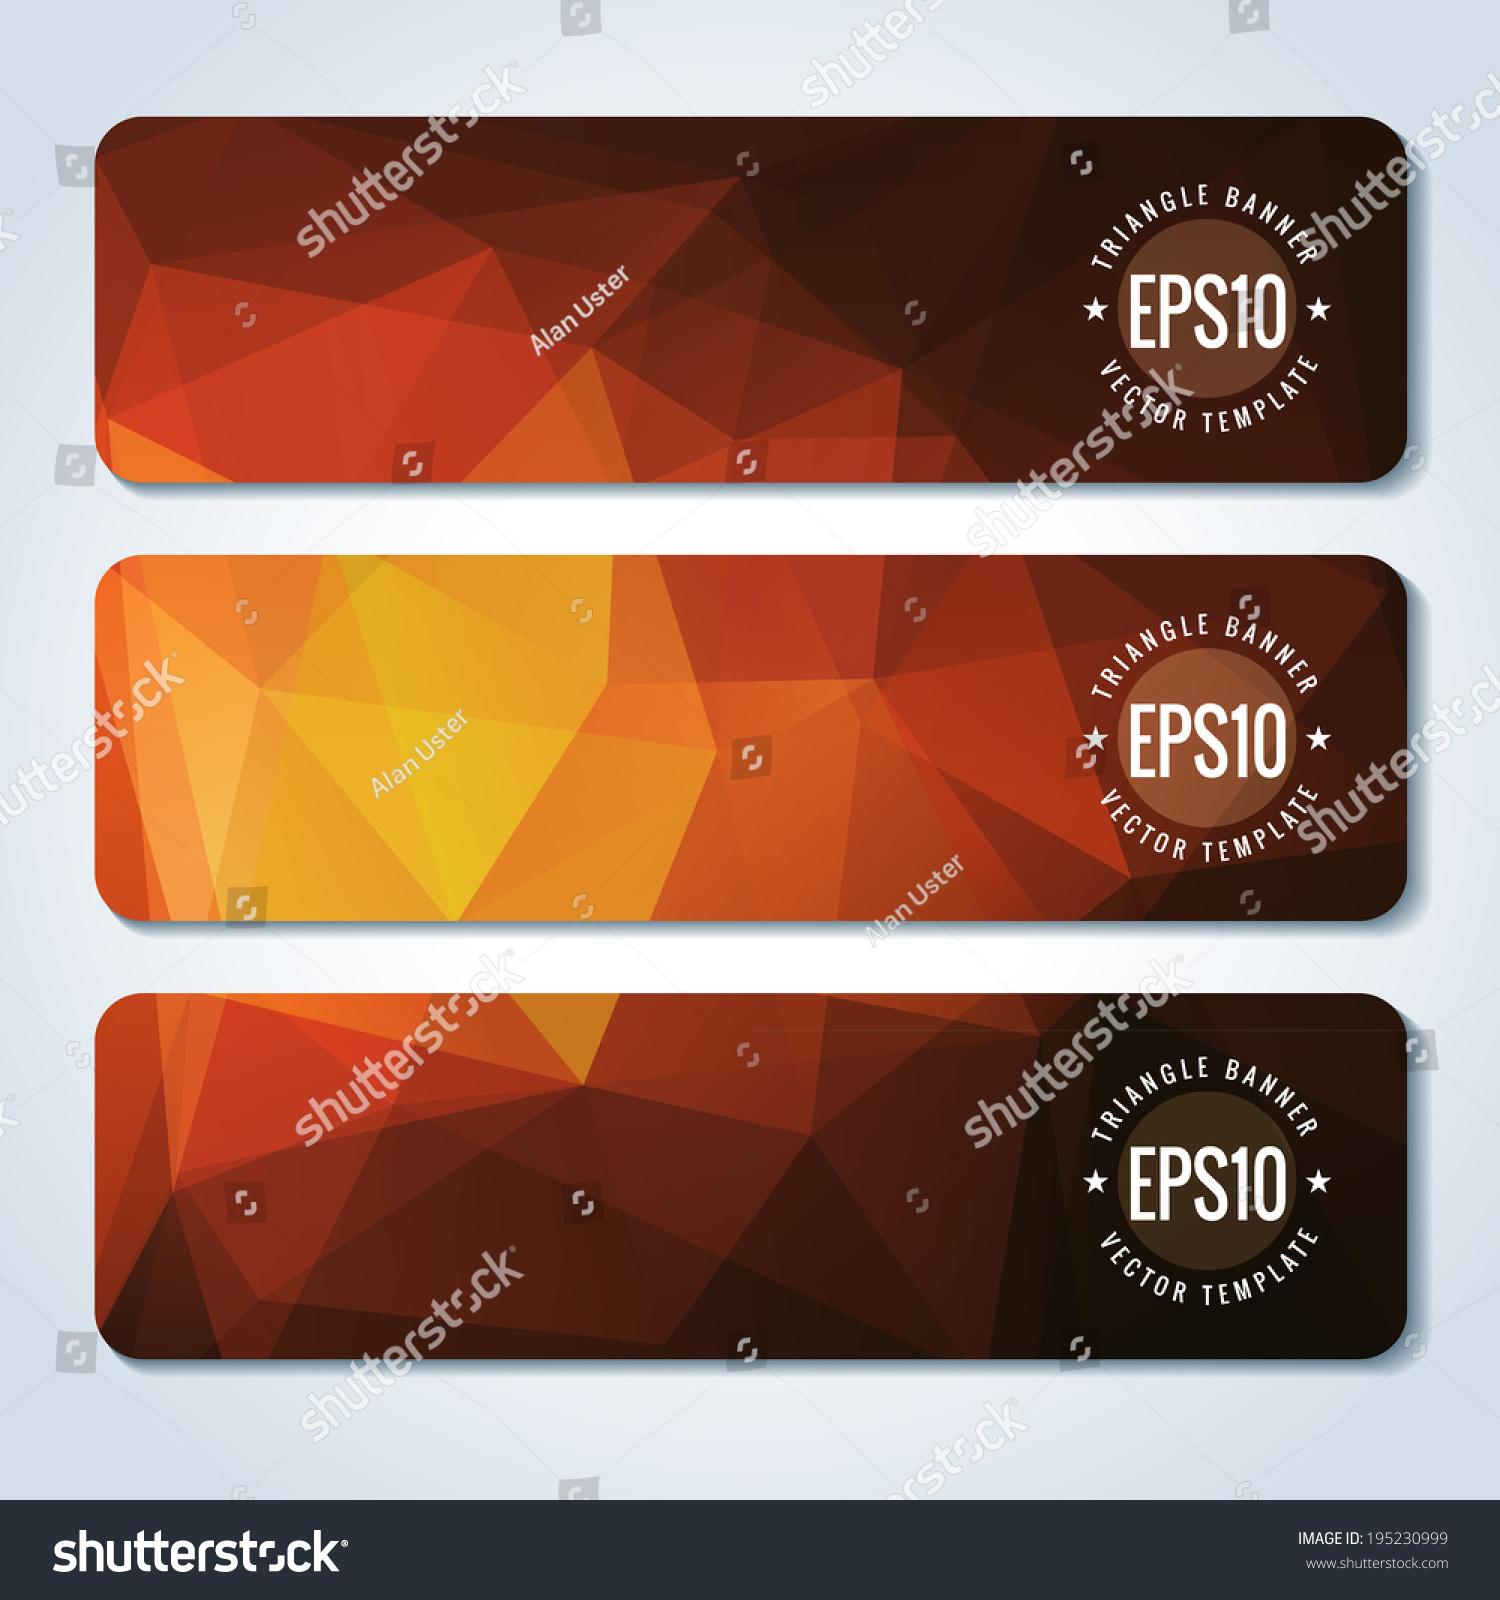 红色网站标题与三角形模式或横幅-背景/素材